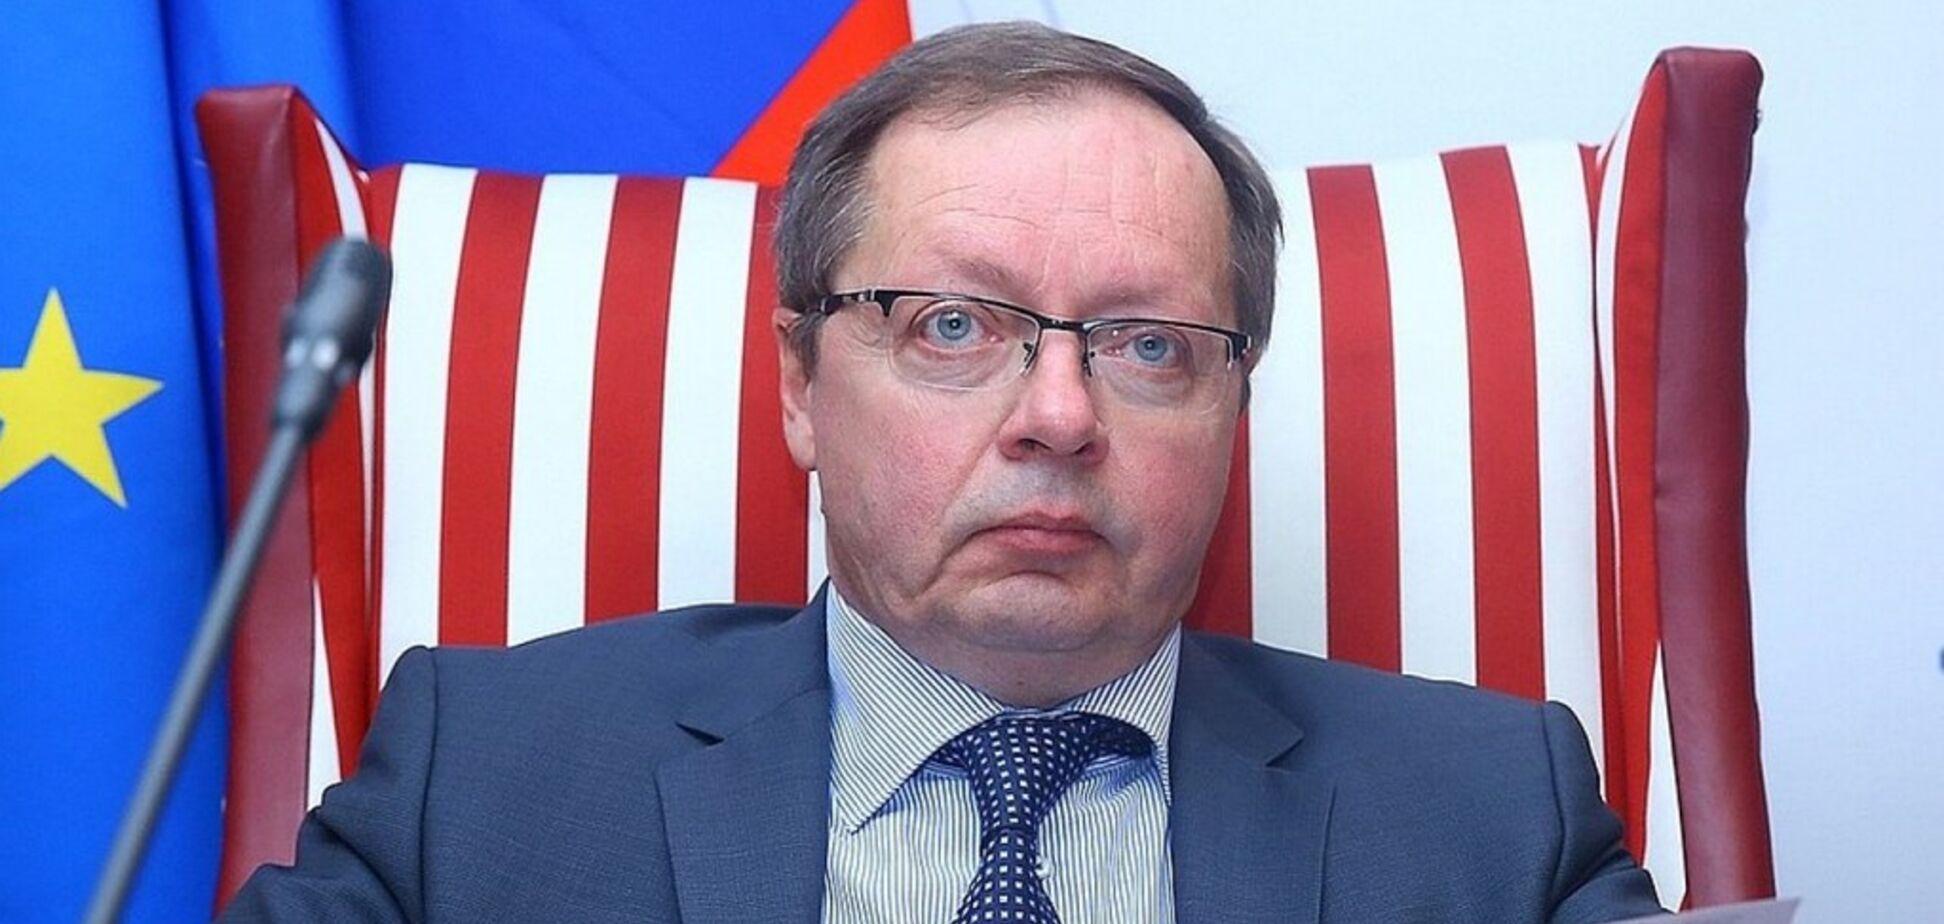 Андрей Келин. Источник: КП